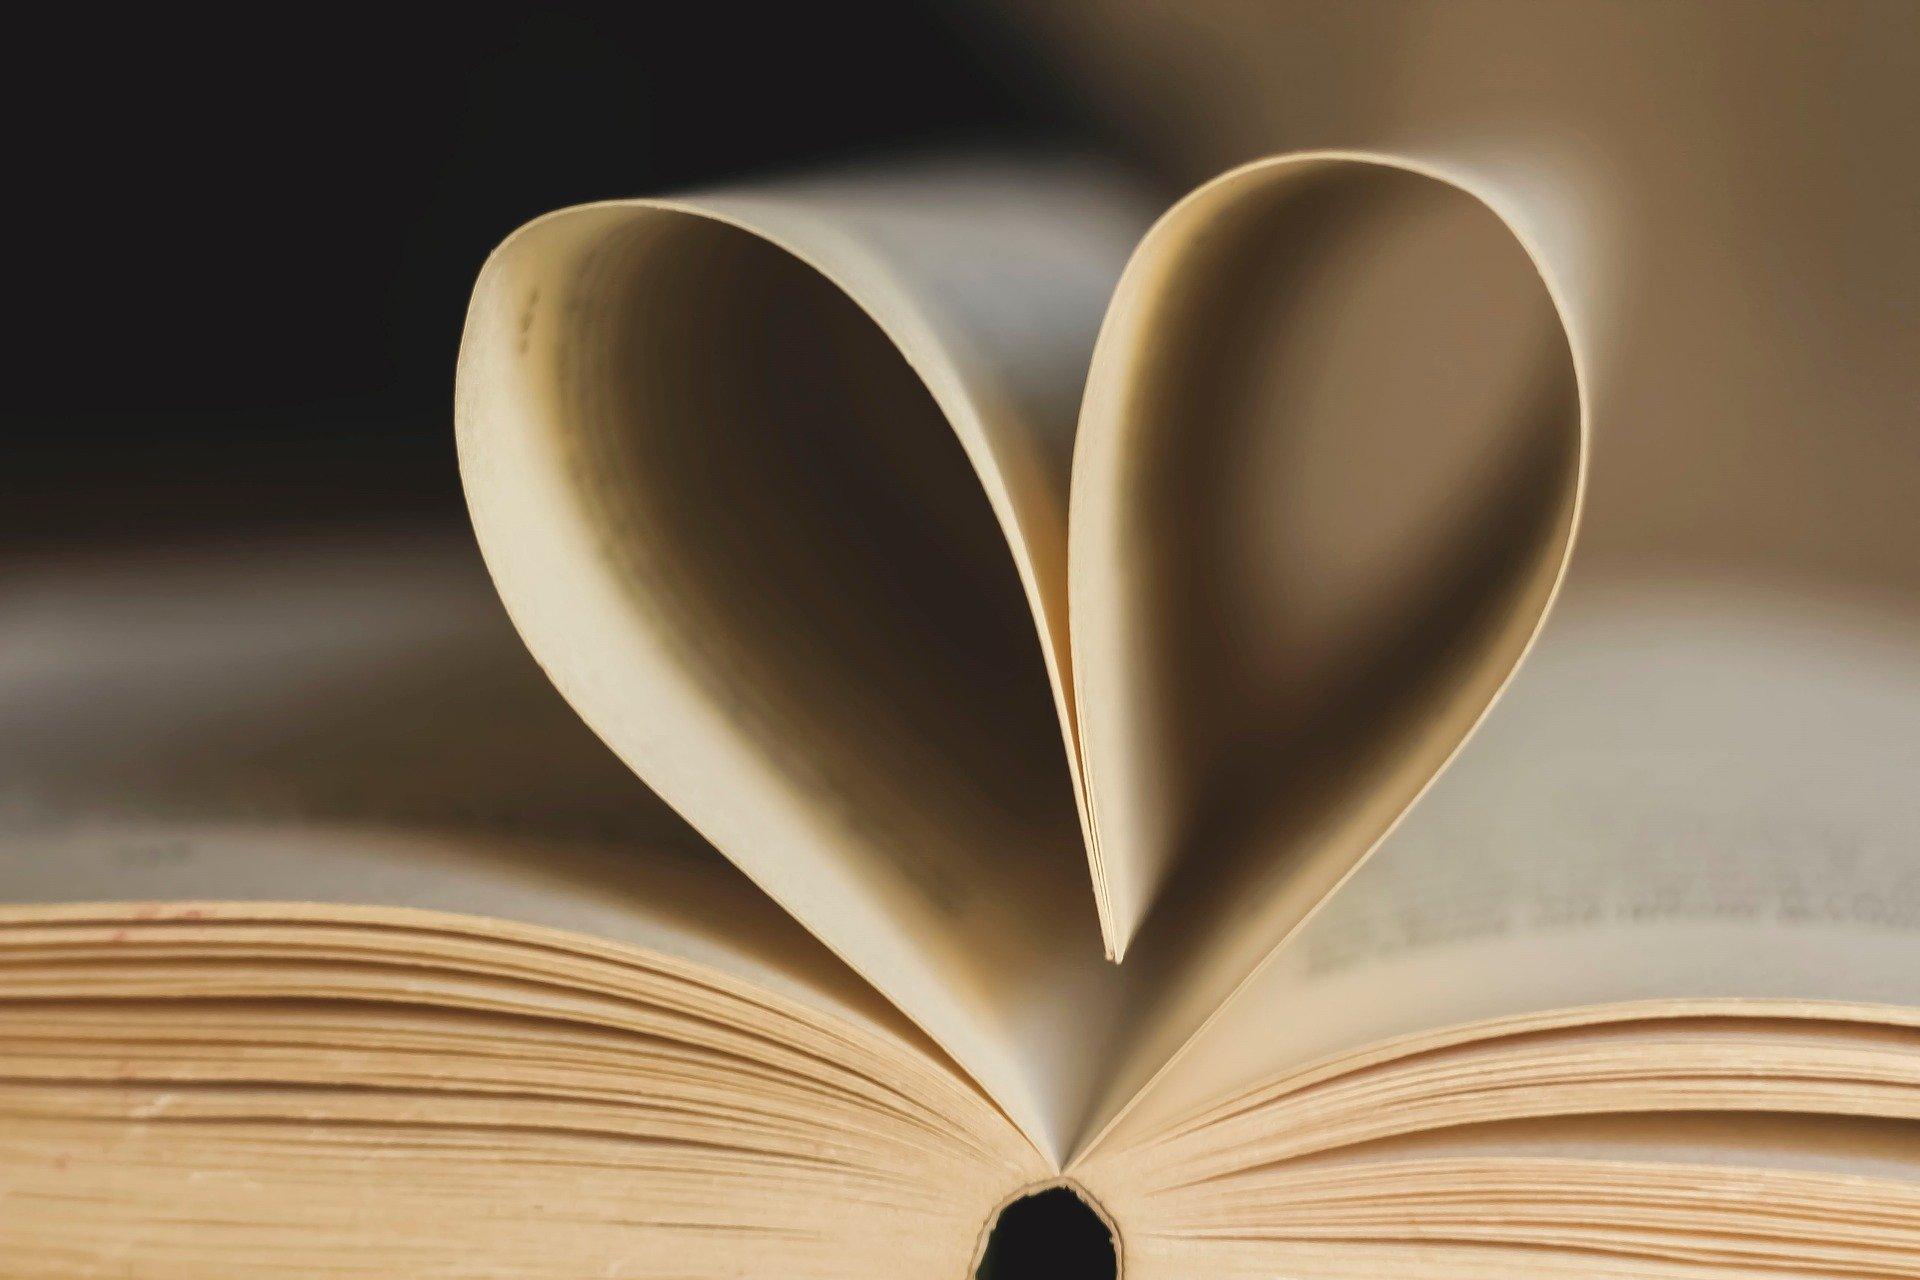 Zakochaj się wczytaniu!